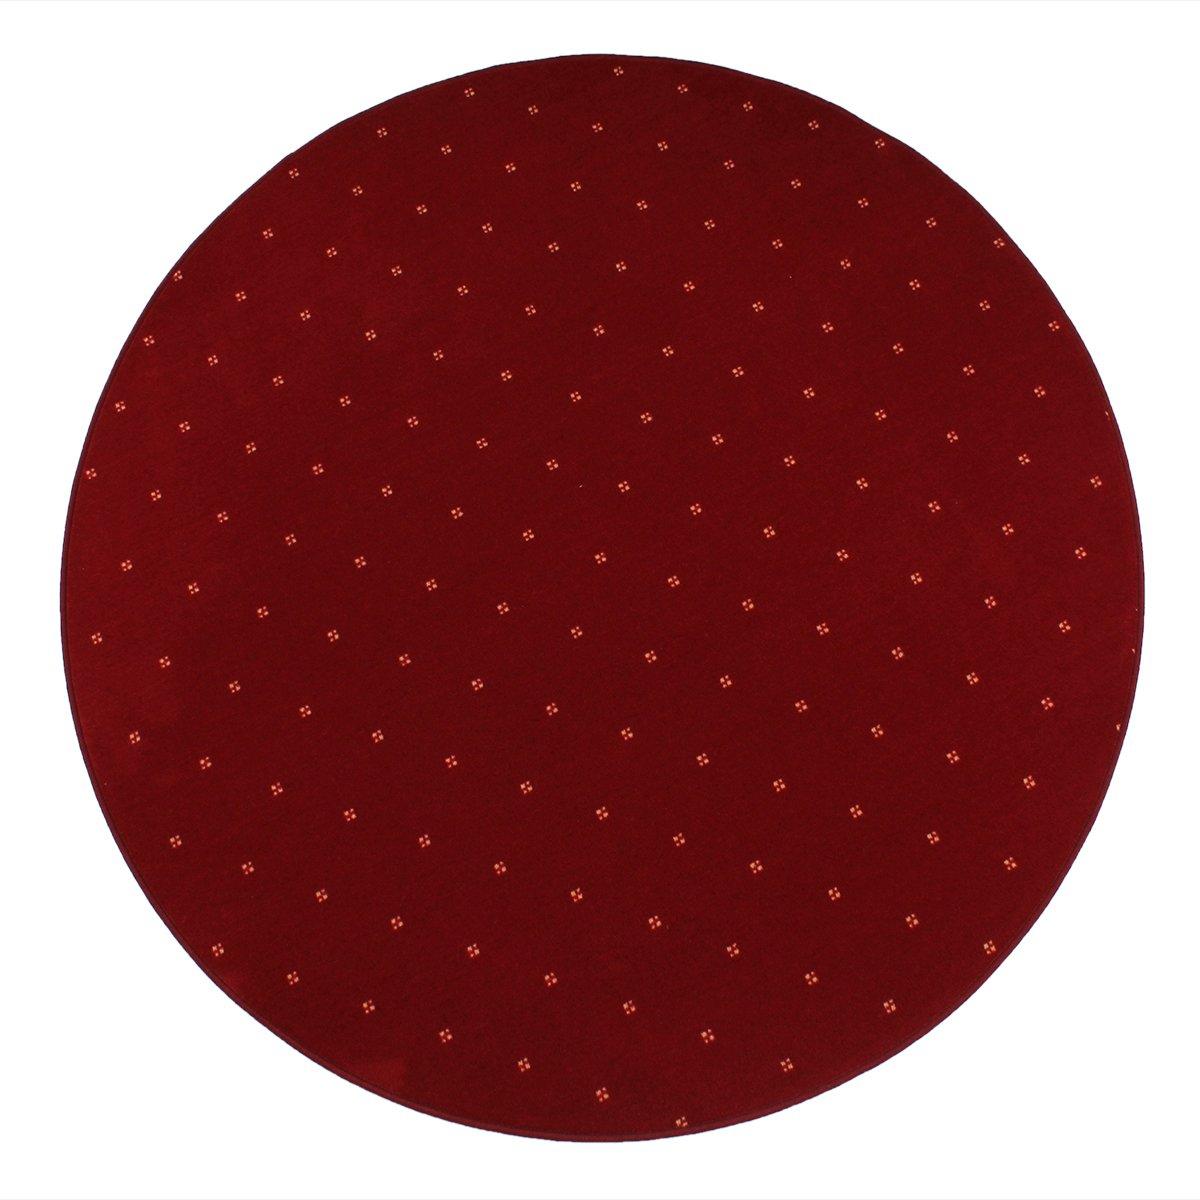 havatex Luxus Velours Teppich Oxford rund - Farbe wählbar | Geprüfte Qualität: die Teppiche sind schadstoffgeprüft pflegeleicht modern und elegant, Farbe:Rot, Größe:300 cm rund